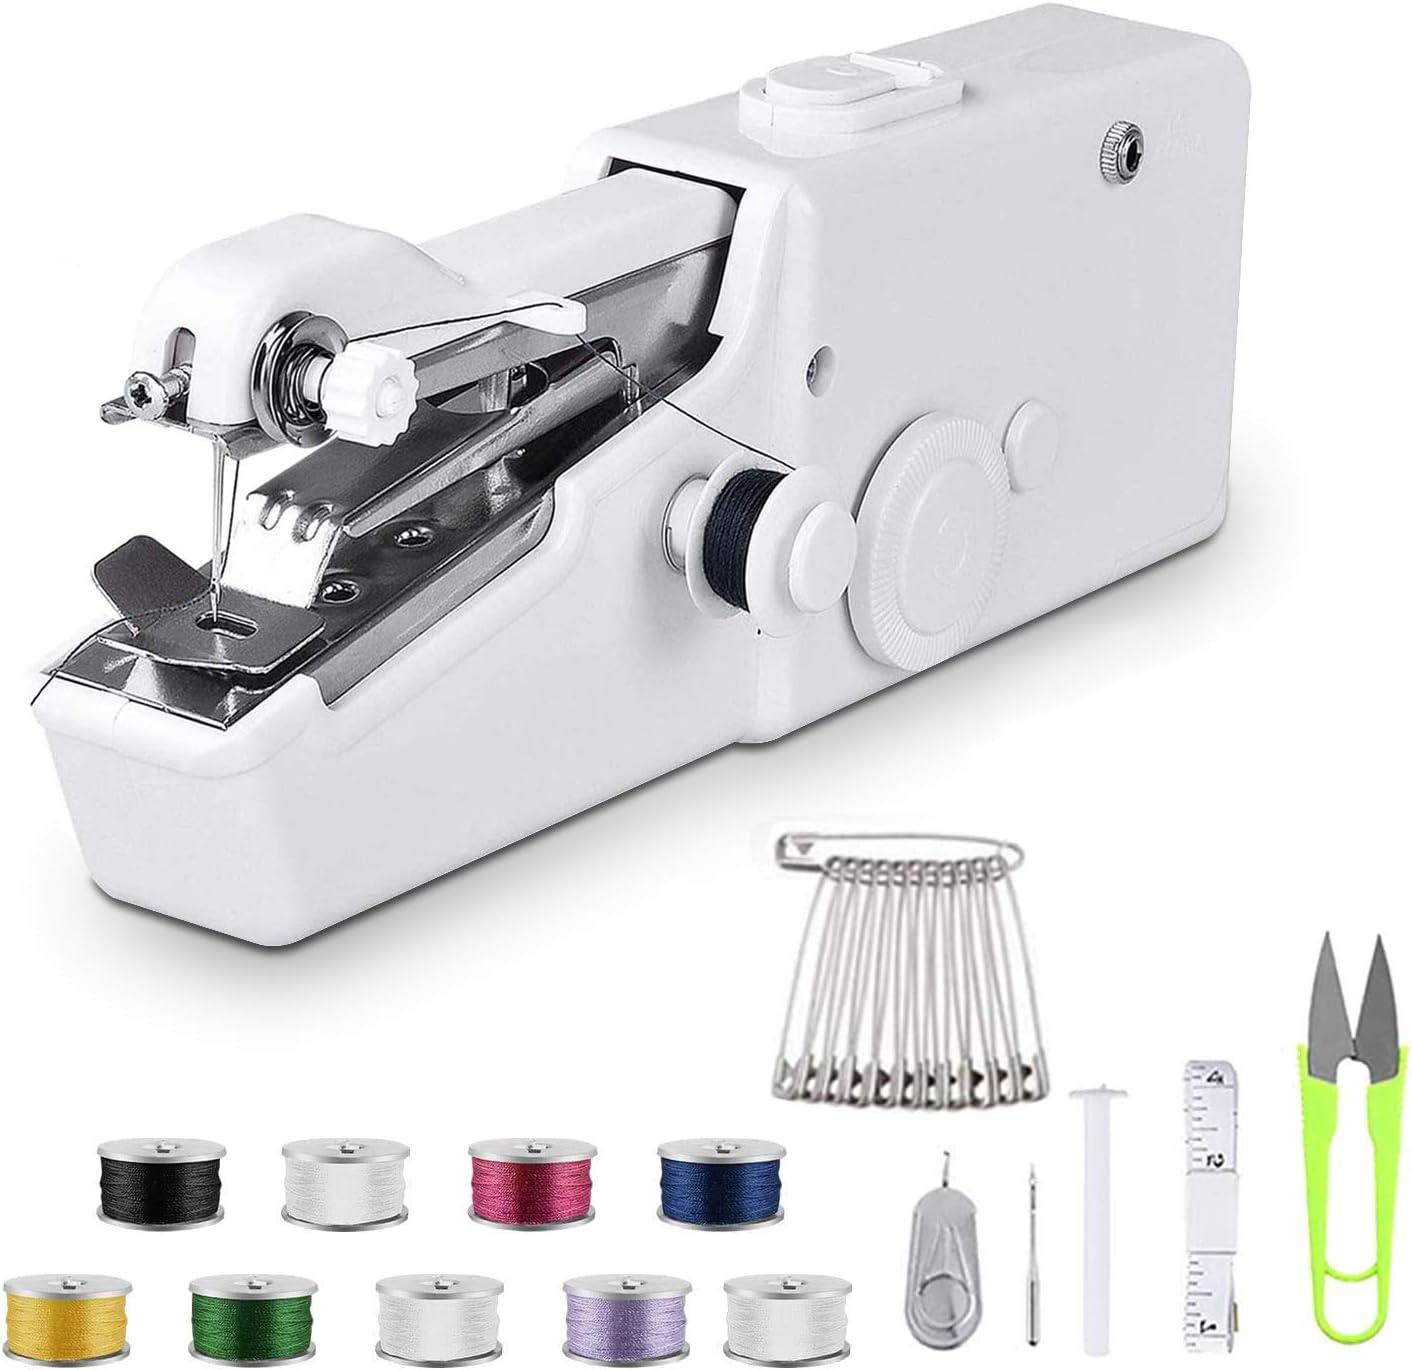 Máquina de coser de mano, mini máquina de coser portátil sin cable, mini máquina de coser para principiantes máquina de coser rápida y práctica puntada para tela, ropa, paño para niños uso en el hogar